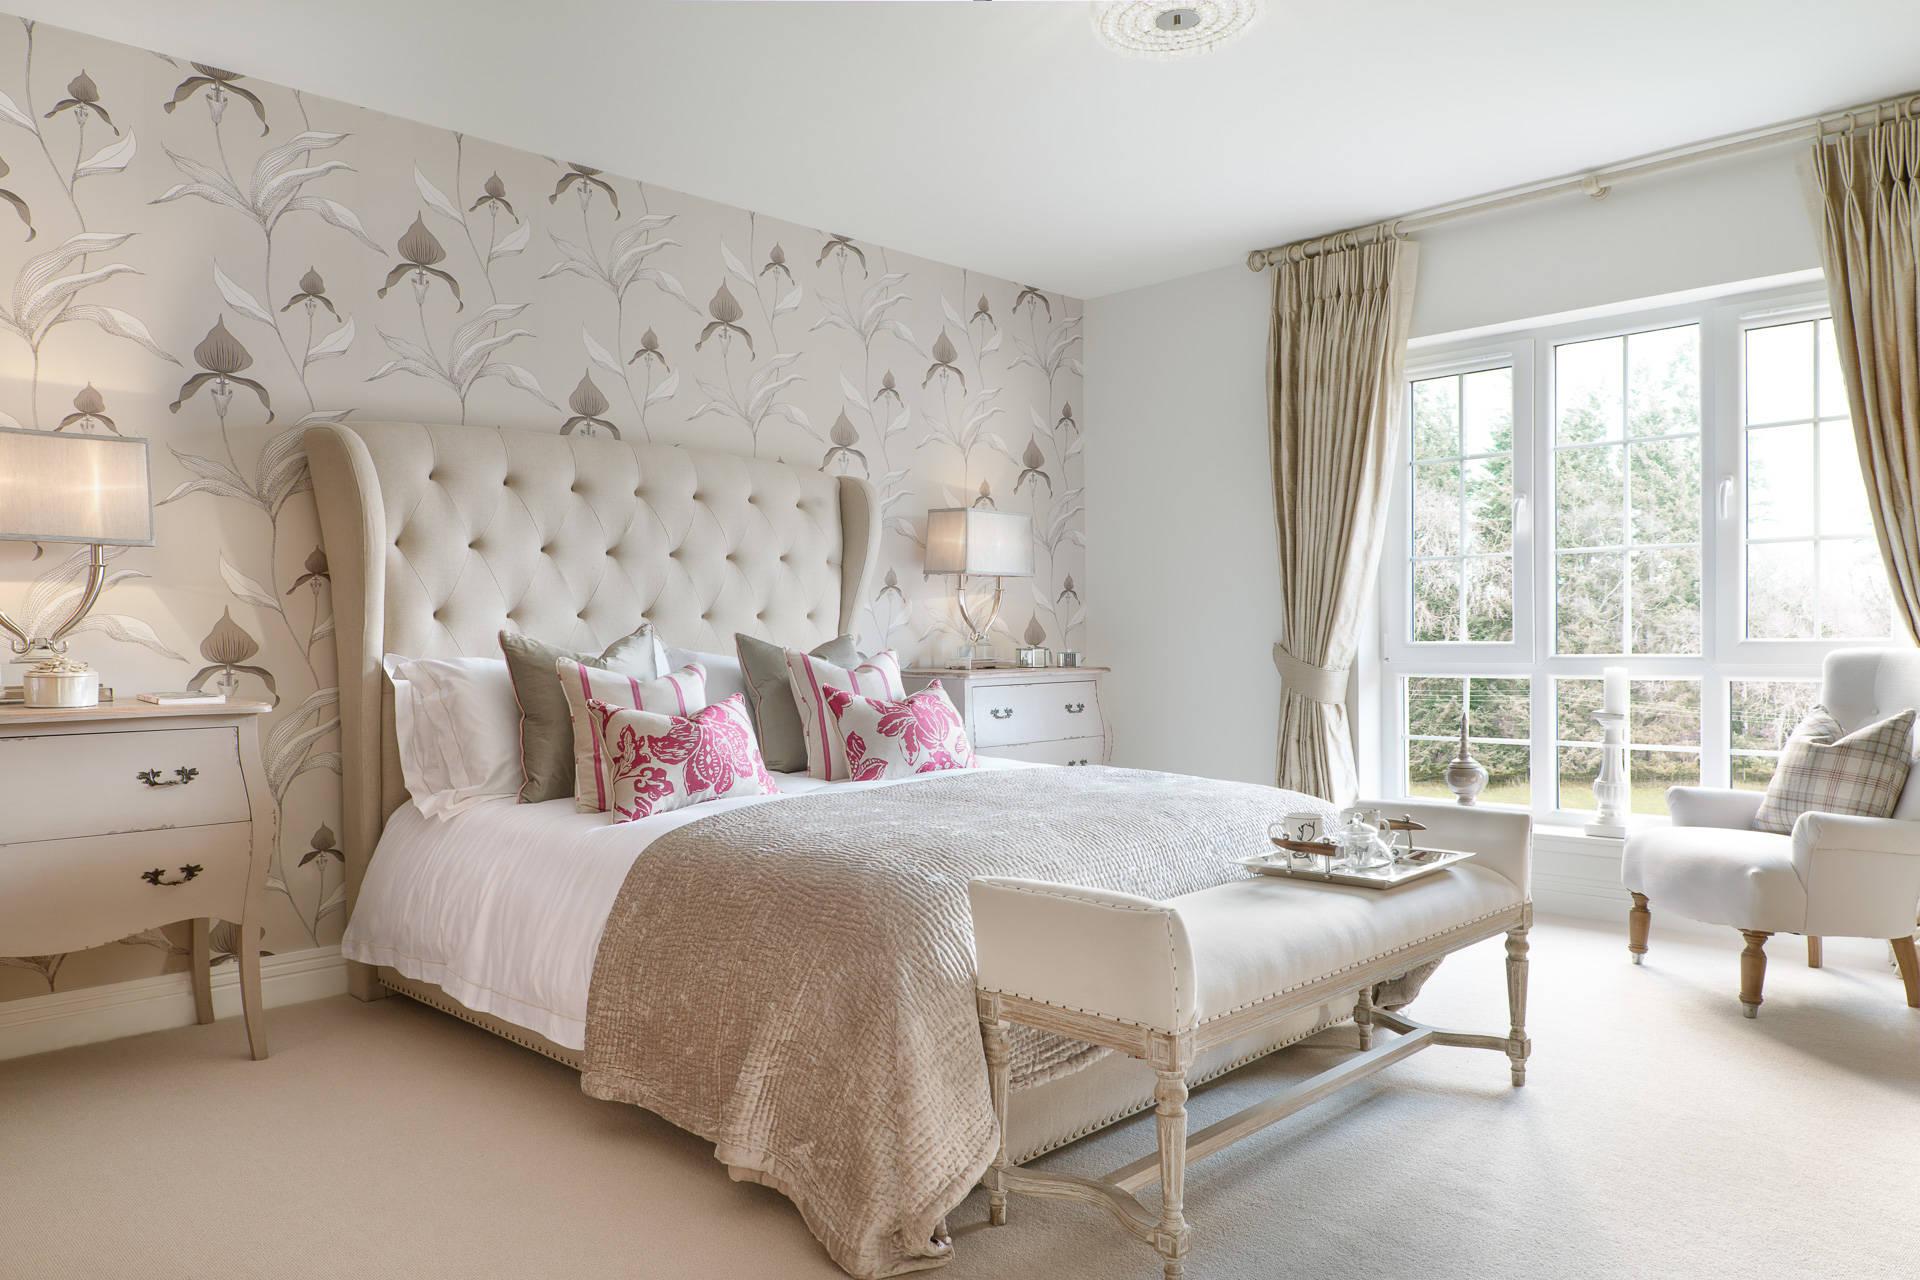 Идеально подобранные обои нежного пастельного тона с цветочным сюжетом для лондонской спальни